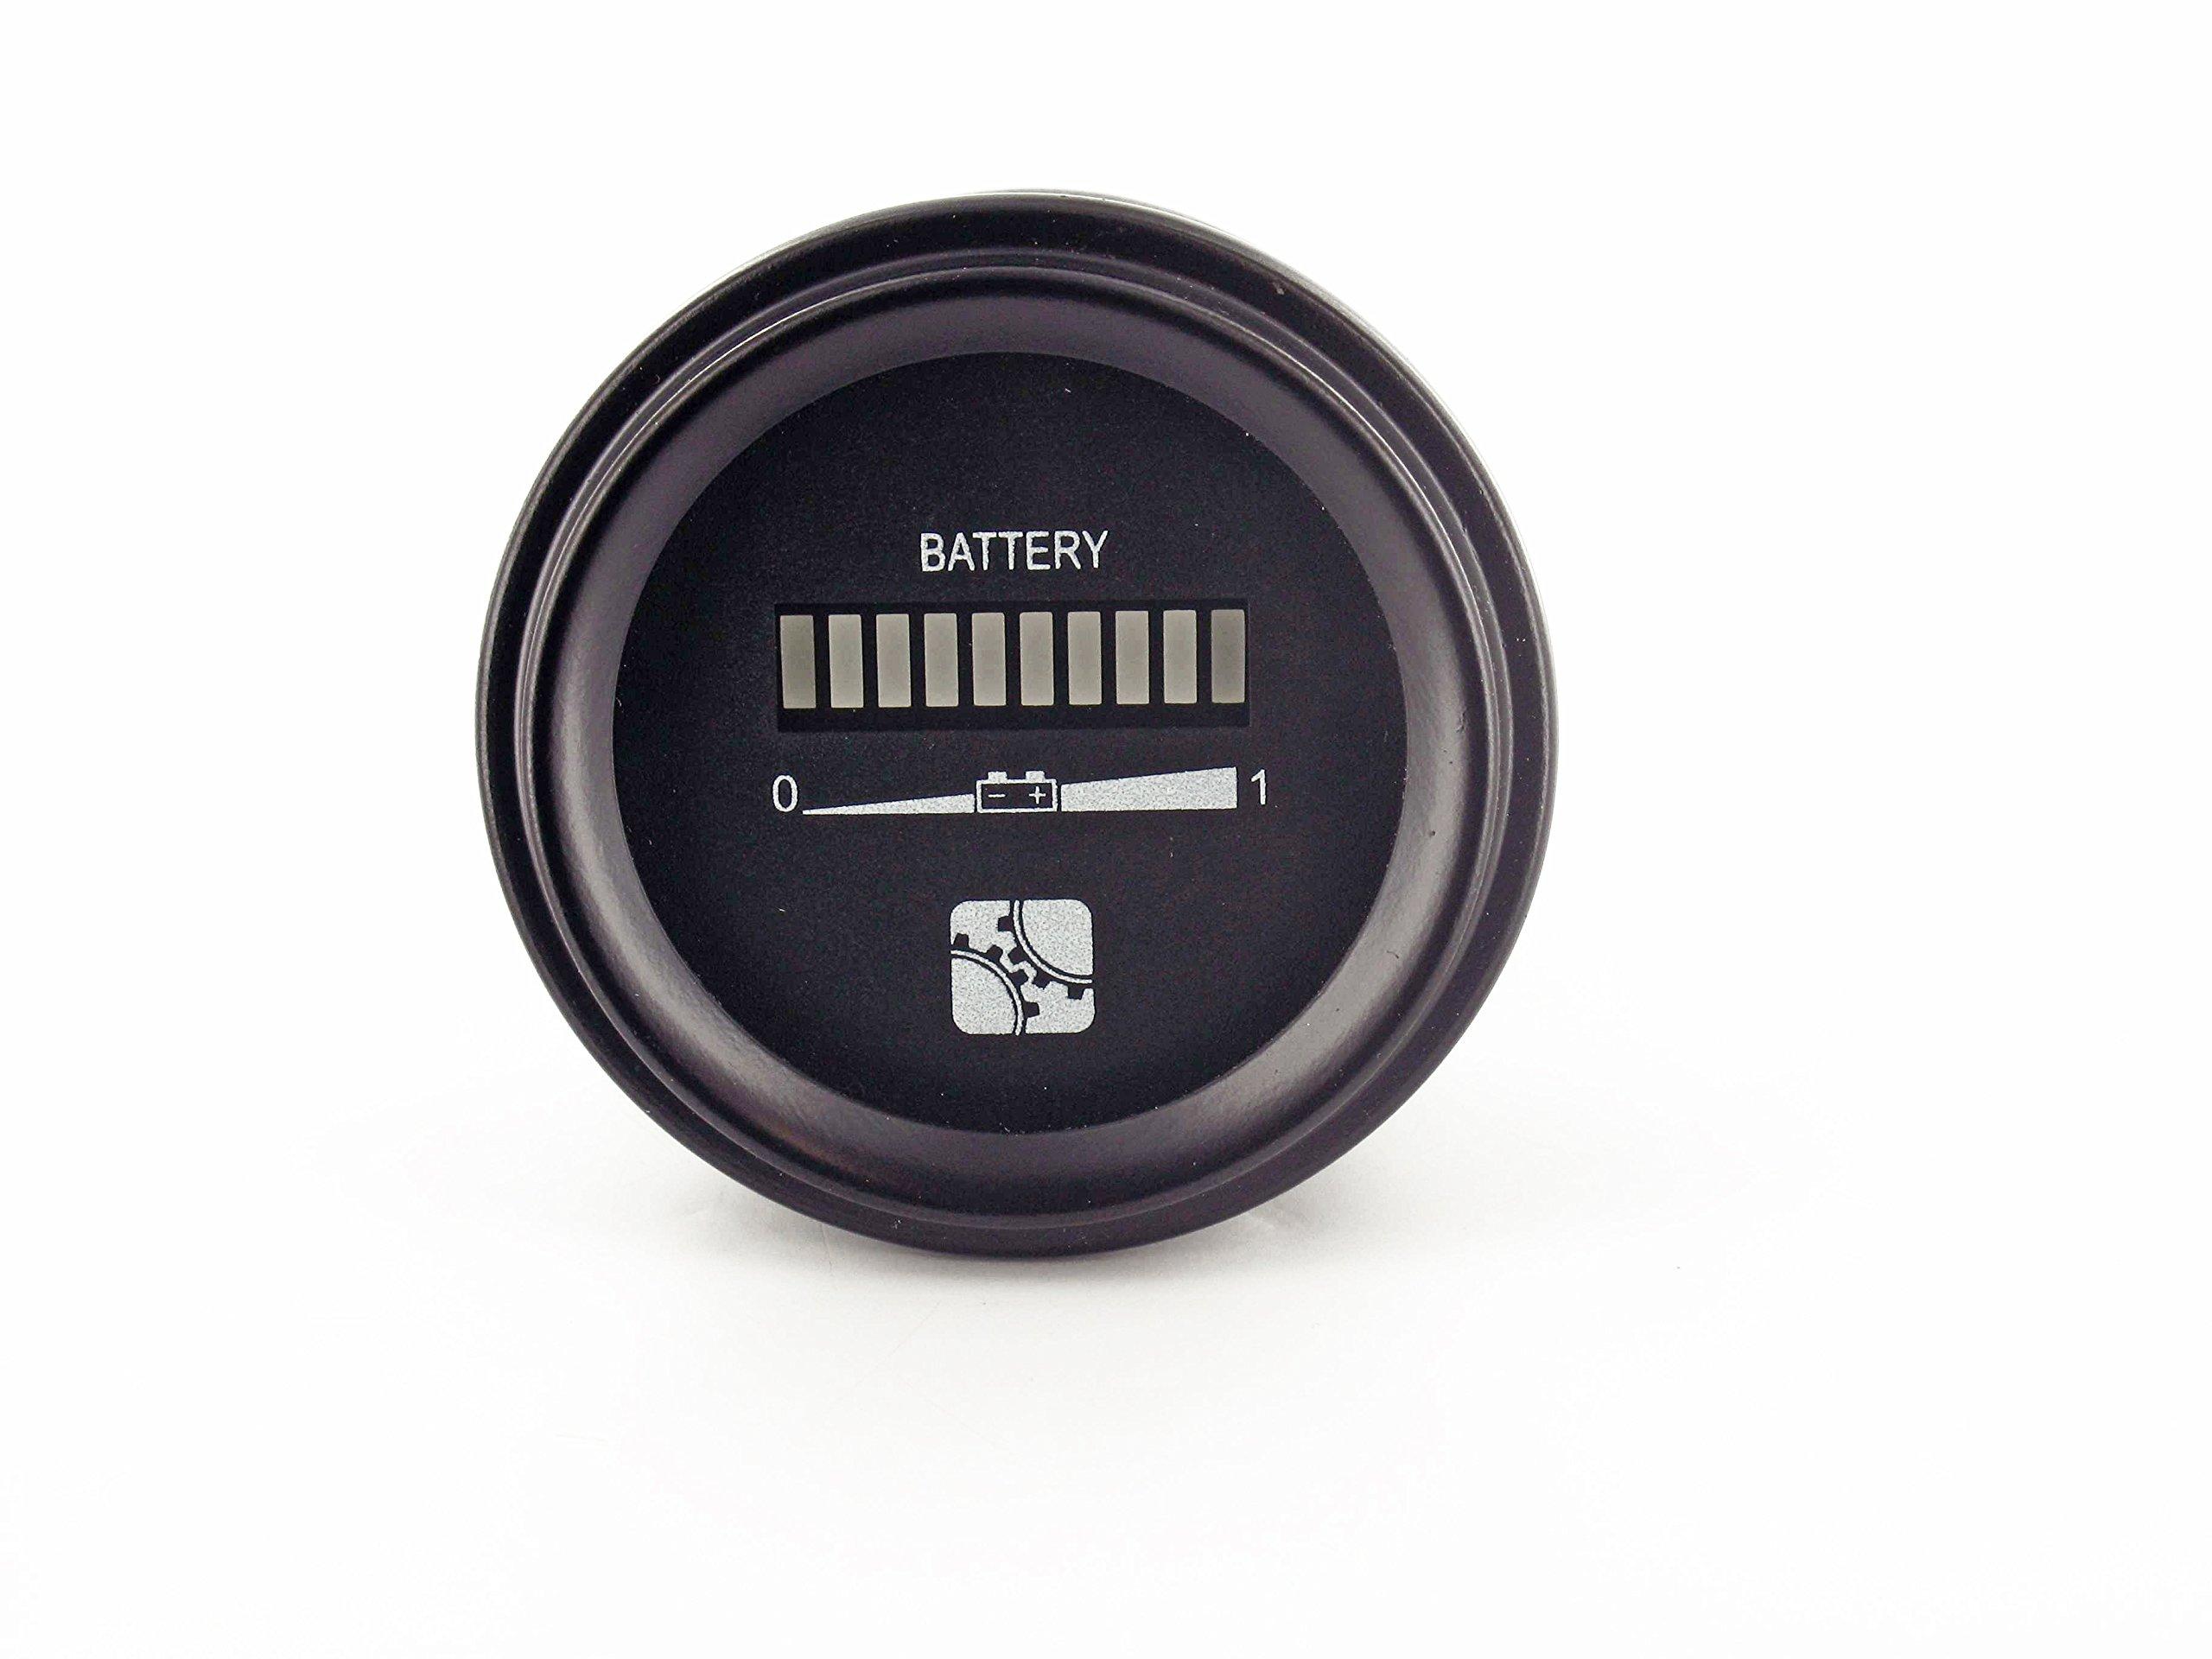 Intella Liftparts Inc. 03273024 Battery Indicator, Meter, Gauge, Golf Cart, Forklift, 24V